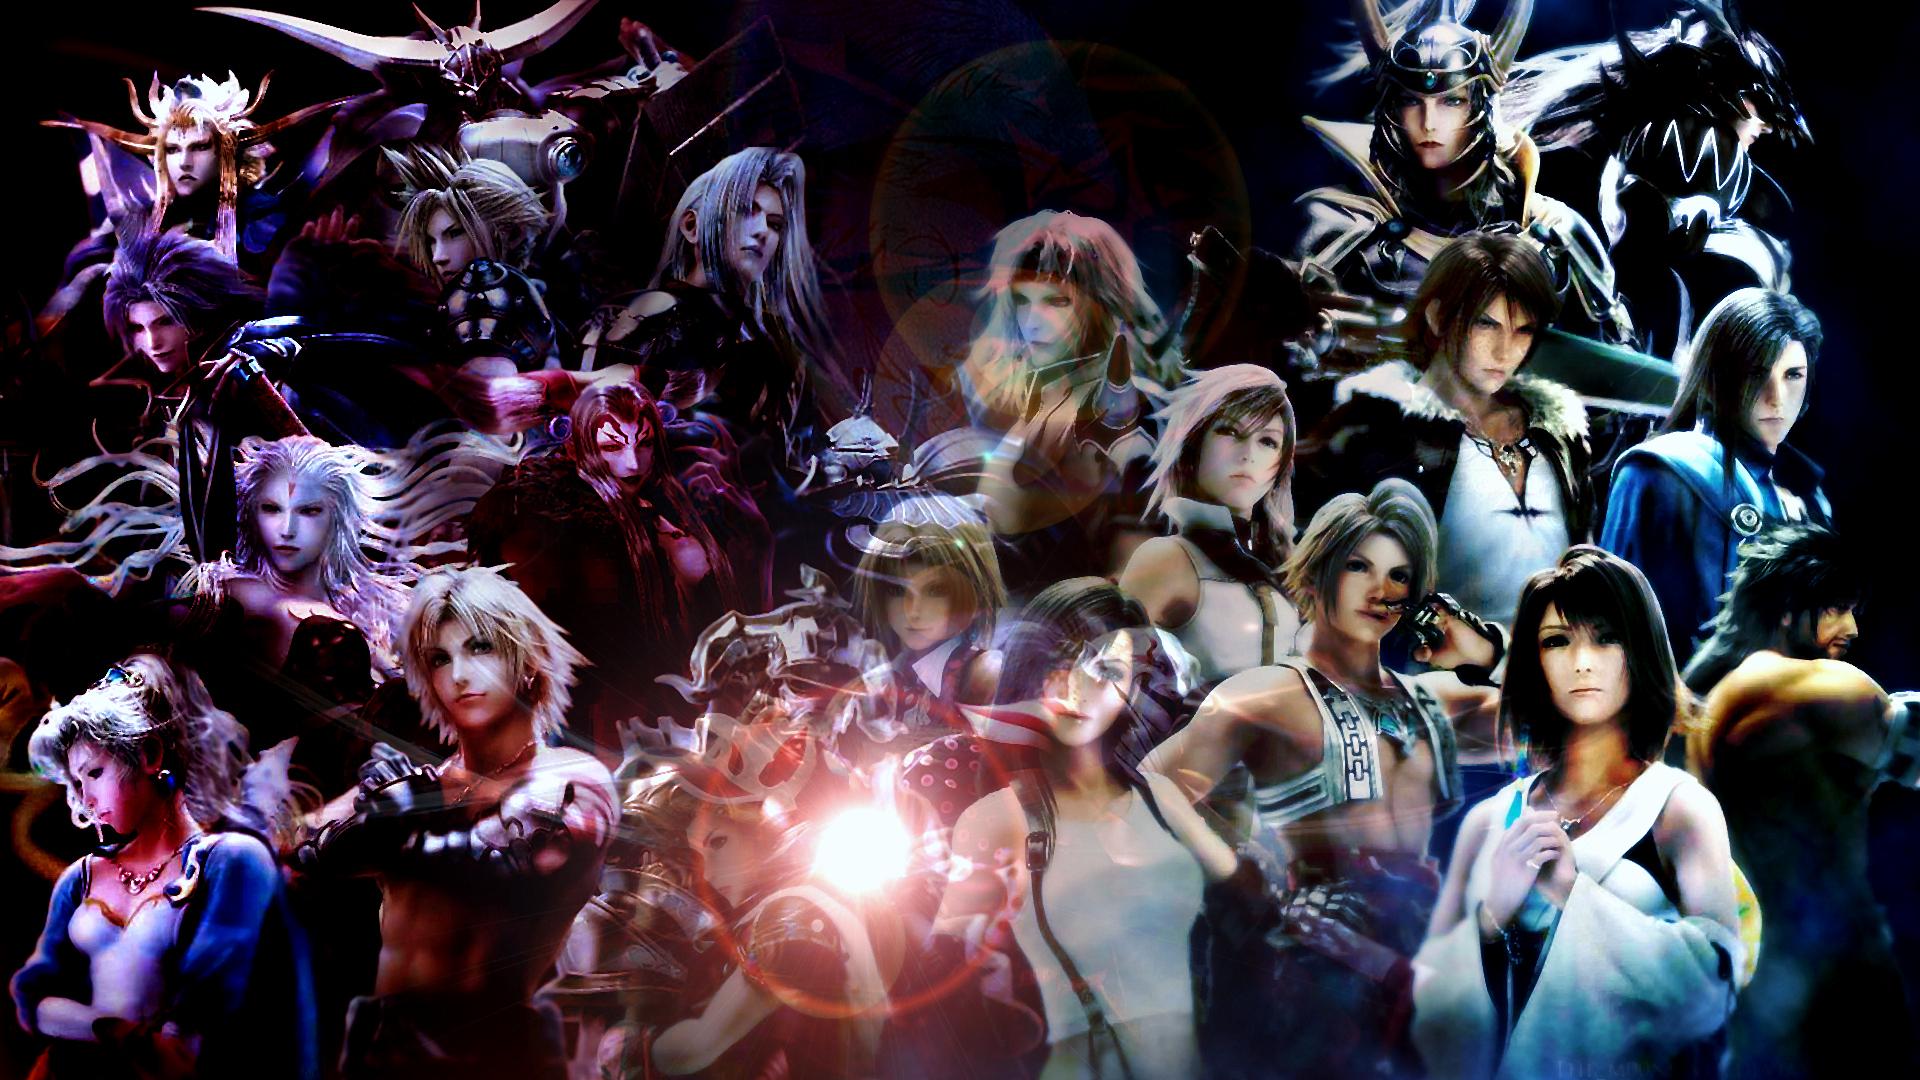 Final Fantasy IX, Wallpaper - Zerochan Anime Image Board